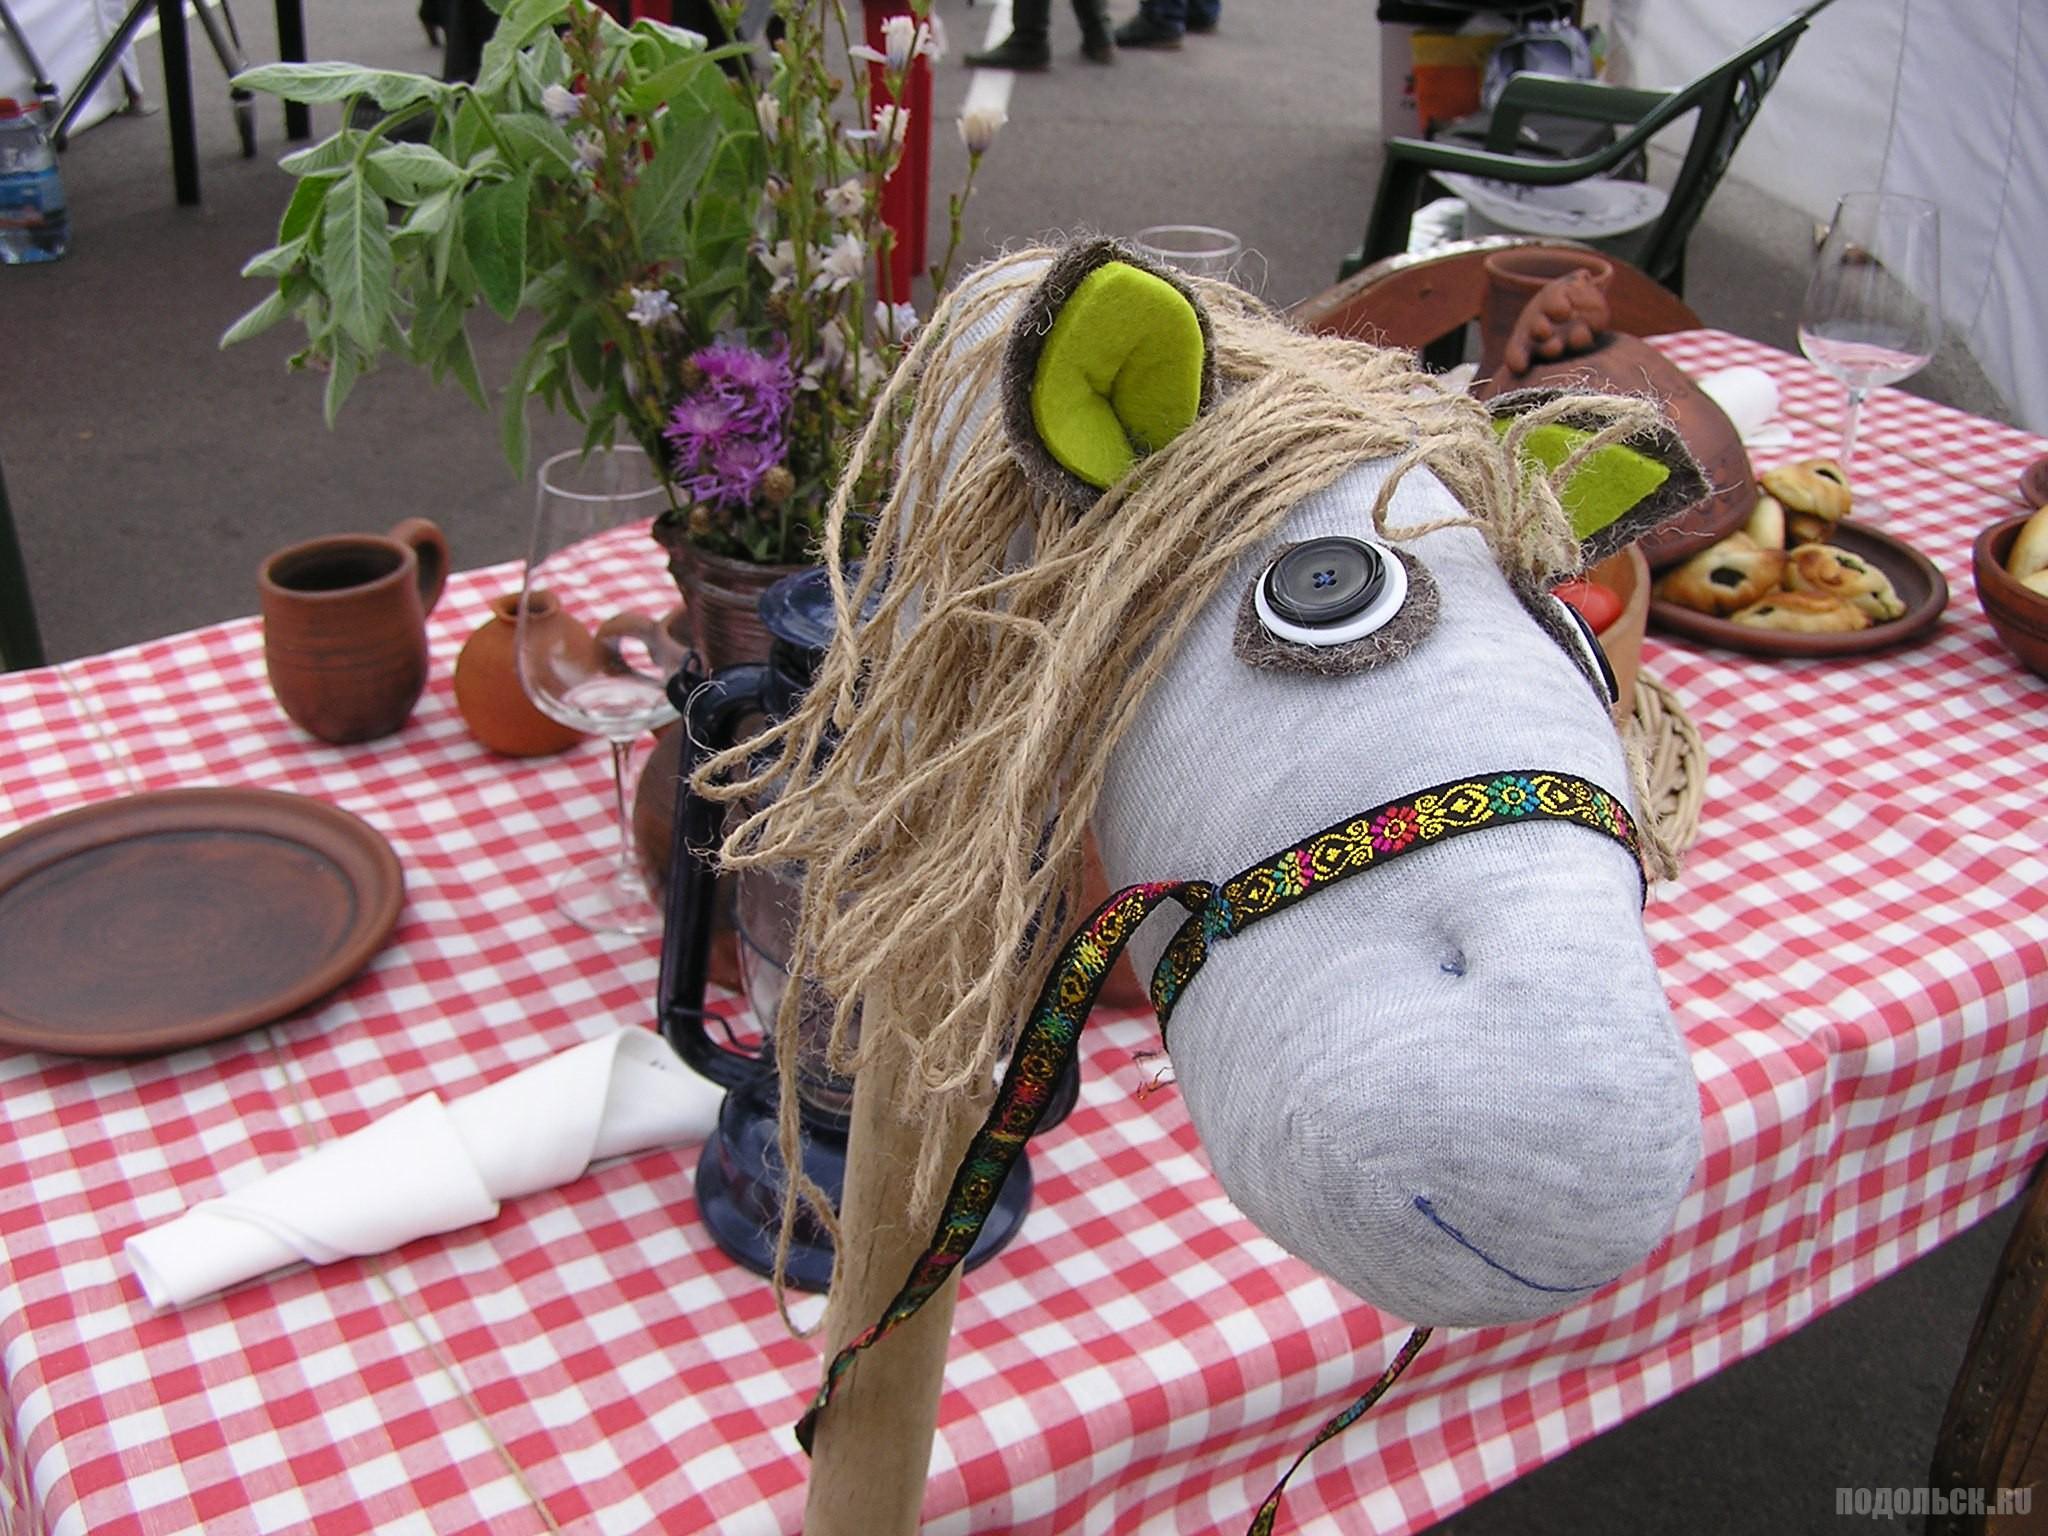 Грильмания в Климовске, 11 июля 2015 г. Лошадка из салуна.